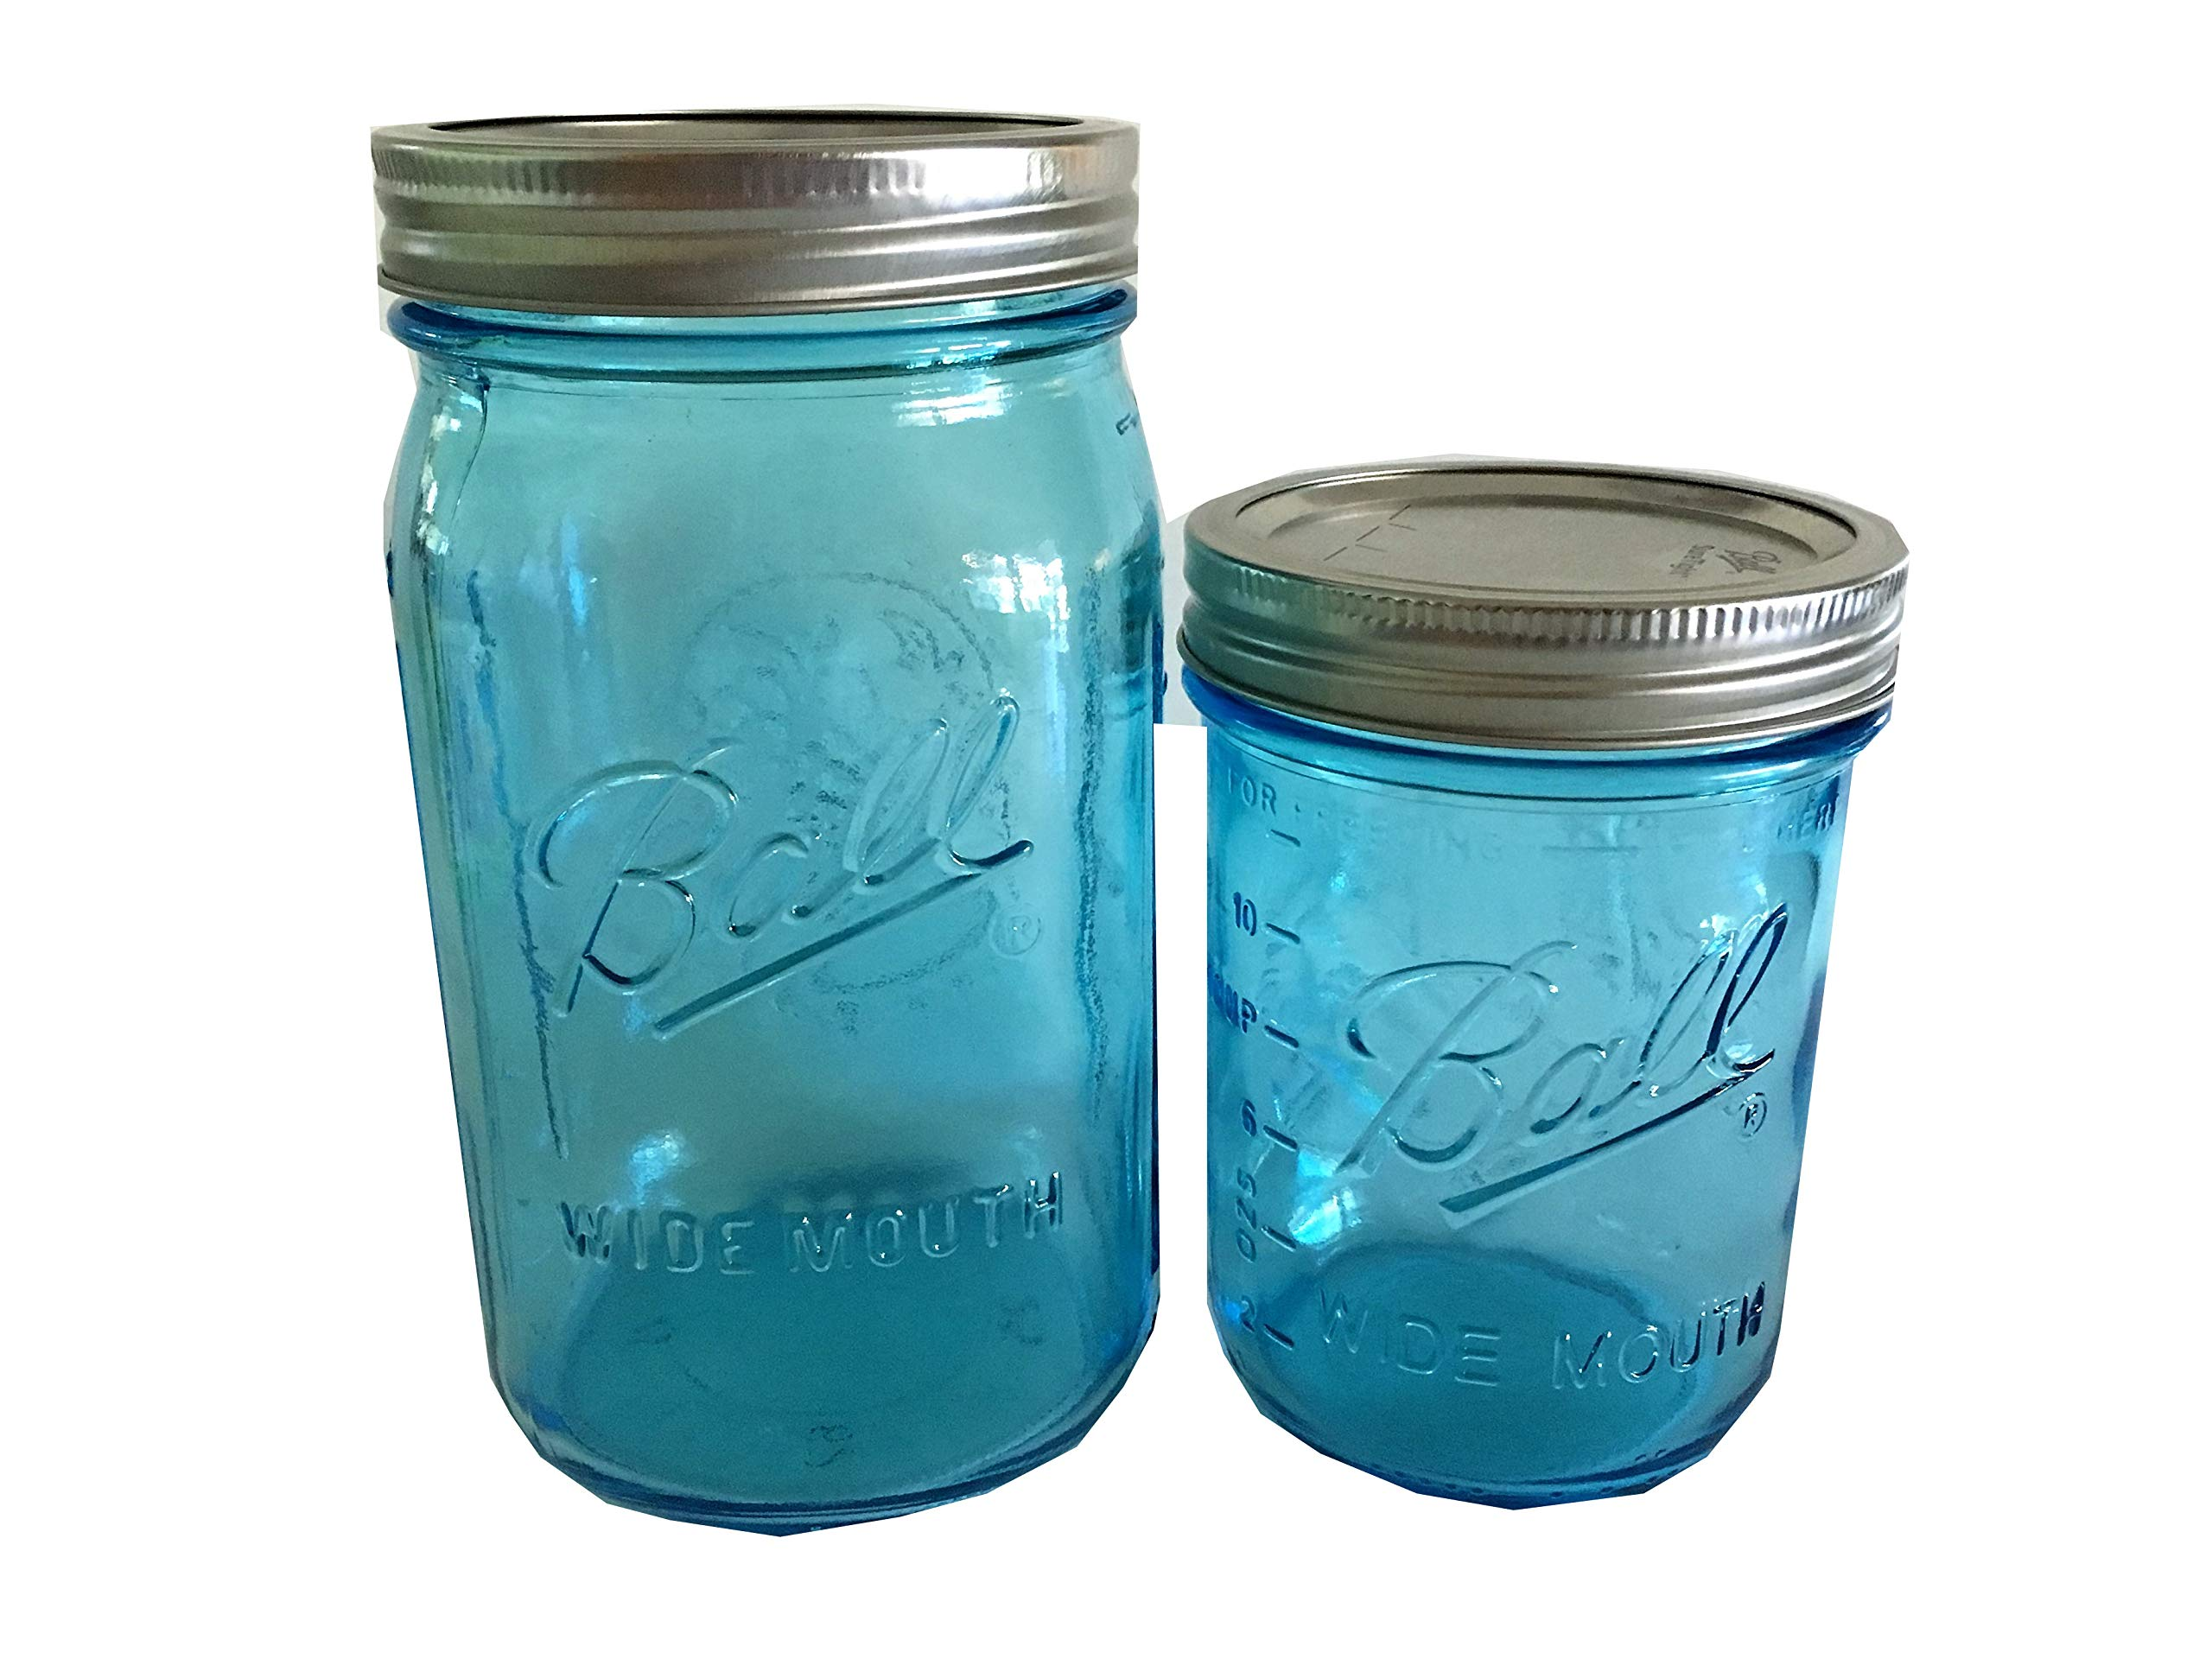 Ball Mason Jars-Wide Mouth-One 32 oz. Aqua Blue, One 16 oz. Aqua Blue-Set of 2